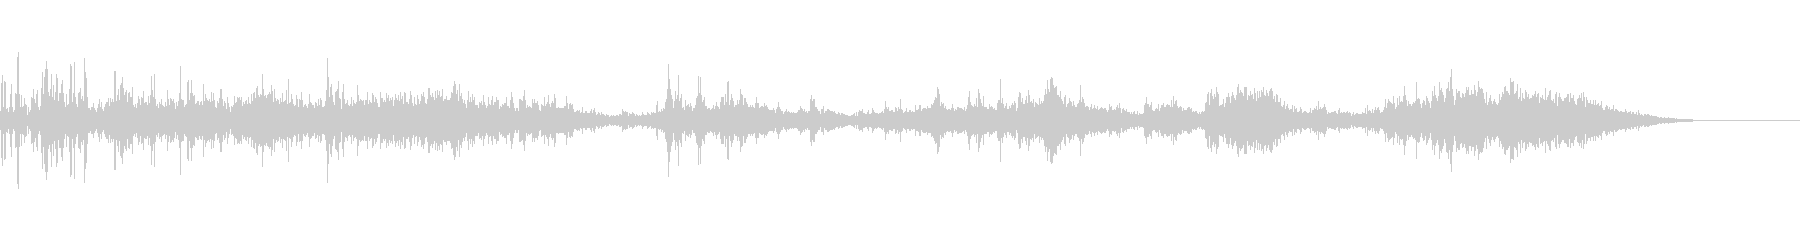 カミナリ(遠雷)-38の未再生の波形